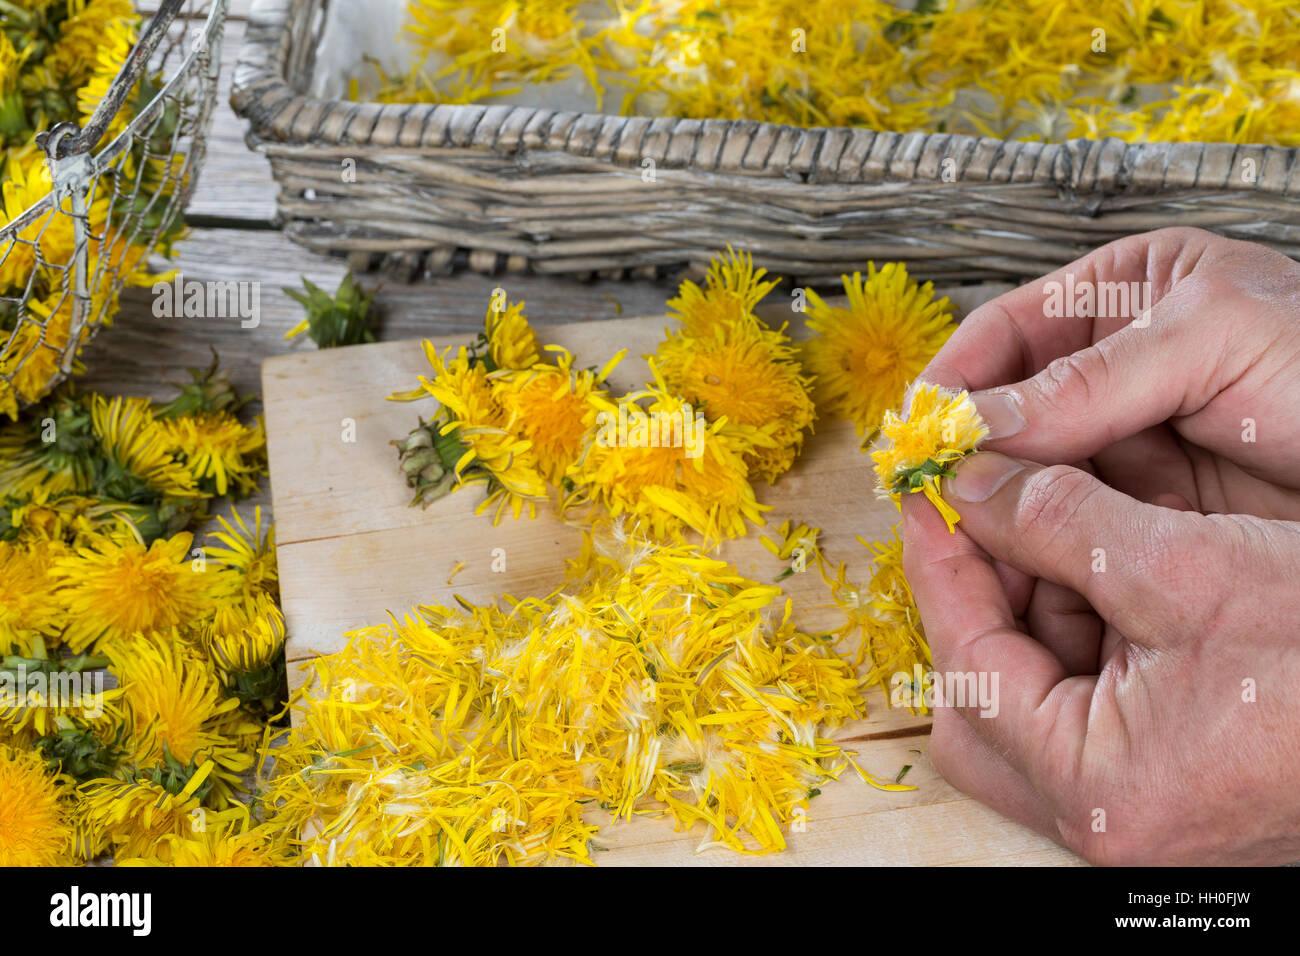 Löwenzahnblüten trocknen, getrocknete Blüten, Blüte Stock